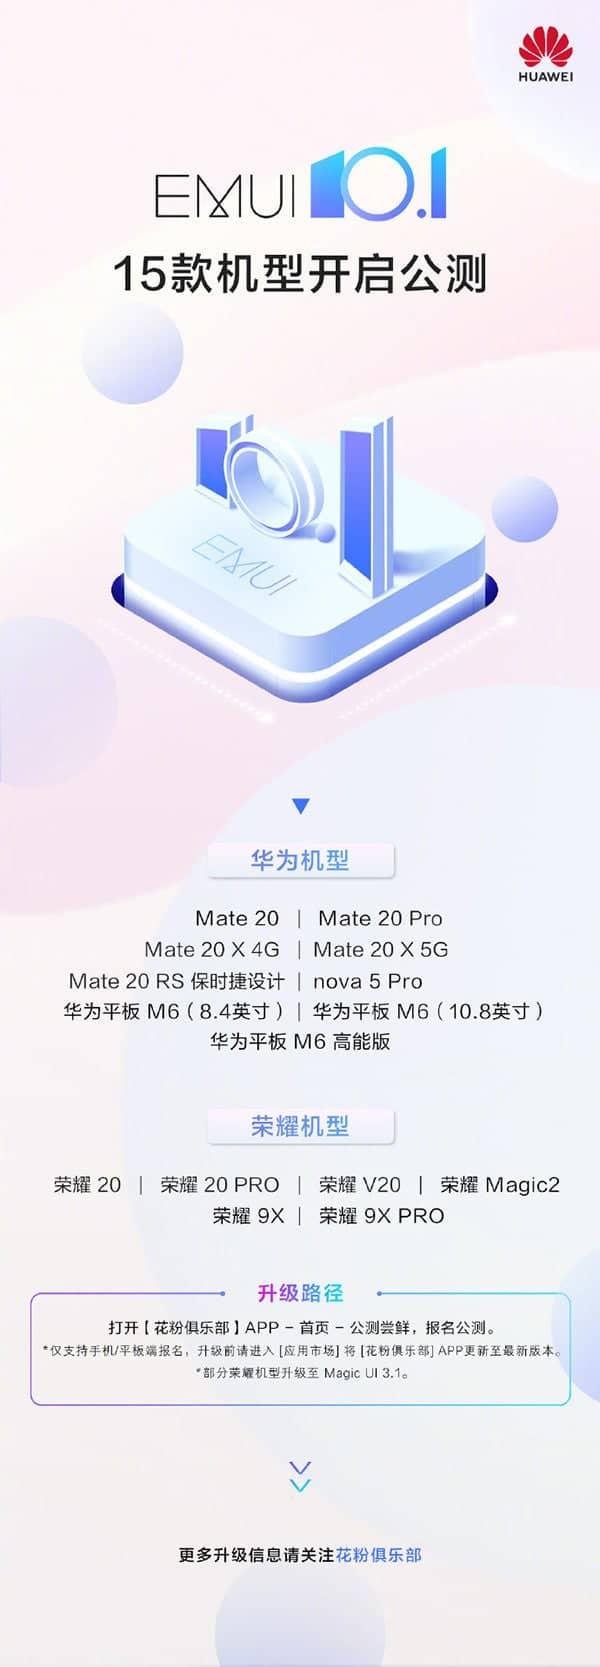 DIGBUSEL - Emui 10.1 Telah Memulai Pengujian Beta Publik  Pada 15 Perangkat Huawei